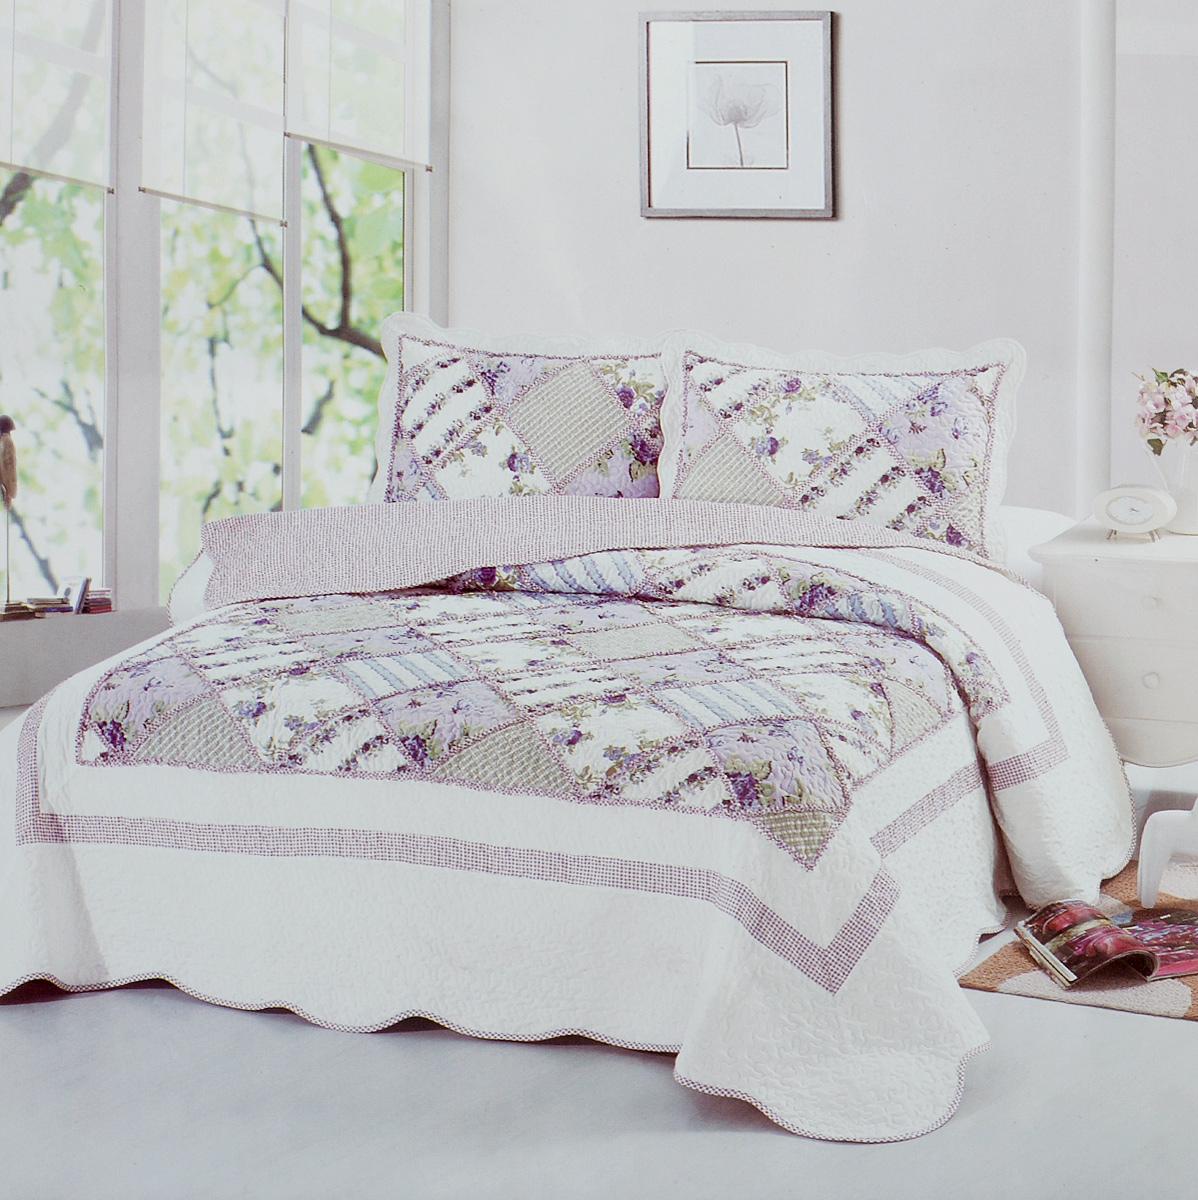 Комплект для спальни Karna Modalin. Пэчворк: покрывало 230 х 250 см, 2 наволочки 50 х 70 см, цвет: белый, розовый5022/CHAR003Изысканный комплект Karna Modalin. Пэчворк прекрасно оформит интерьер спальни или гостиной. Комплект состоит из двухстороннего покрывала и двух наволочек. Изделия изготовлены из микрофибры. Постельные комплекты Karna уникальны, так как они практичны и универсальны в использовании. Материал хорошо сохраняет окраску и форму. Изделия долговечны, надежны и легко стираются. Комплект Karna не только подарит тепло, но и гармонично впишется в интерьер вашего дома. Размер покрывала: 230 х 250 см. Размер наволочки: 50 х 70 см.